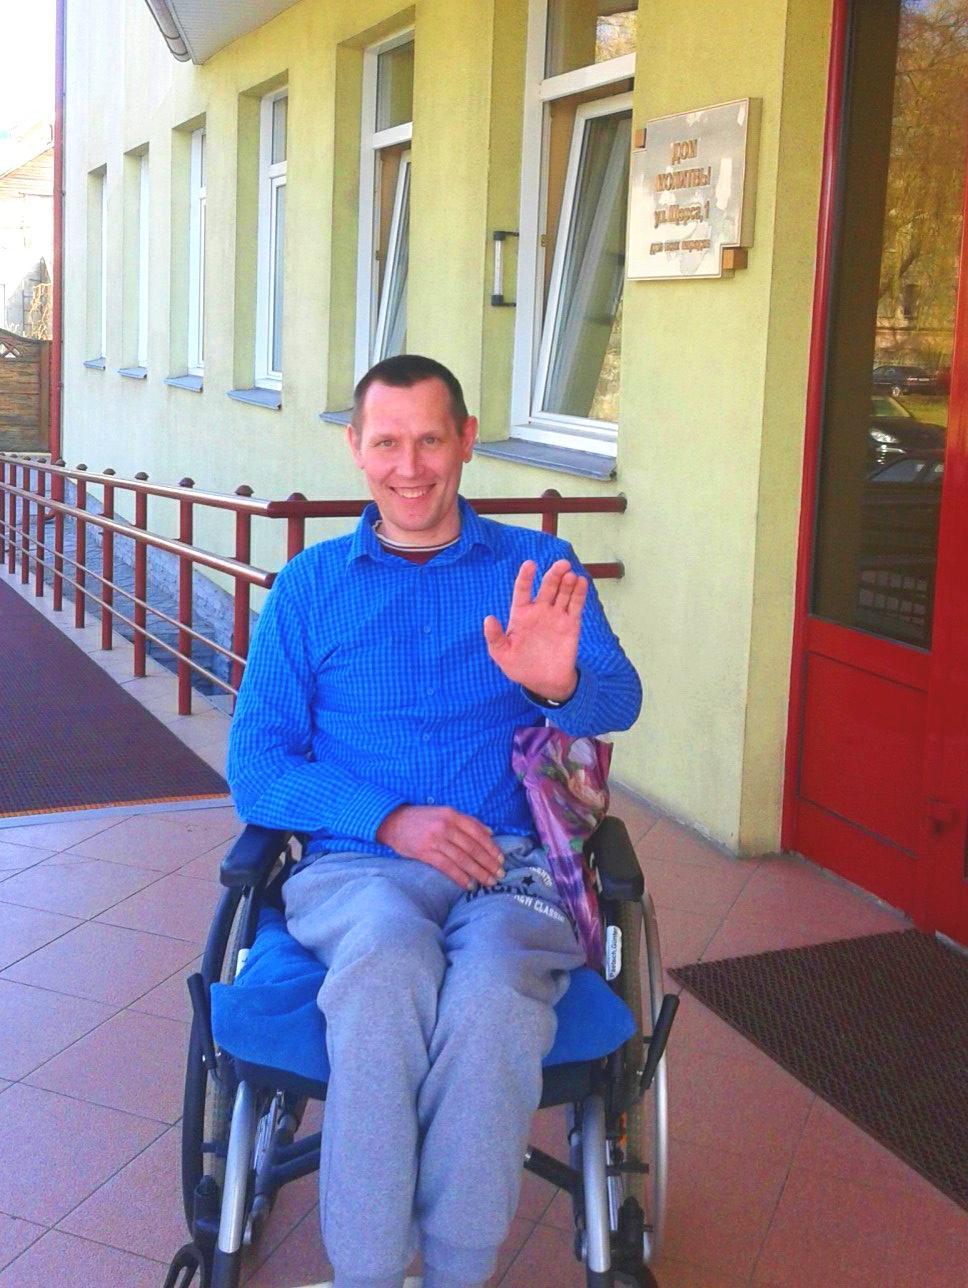 Очень нужен подъемник. Три года женщина перемещает мужа-инвалида на руках